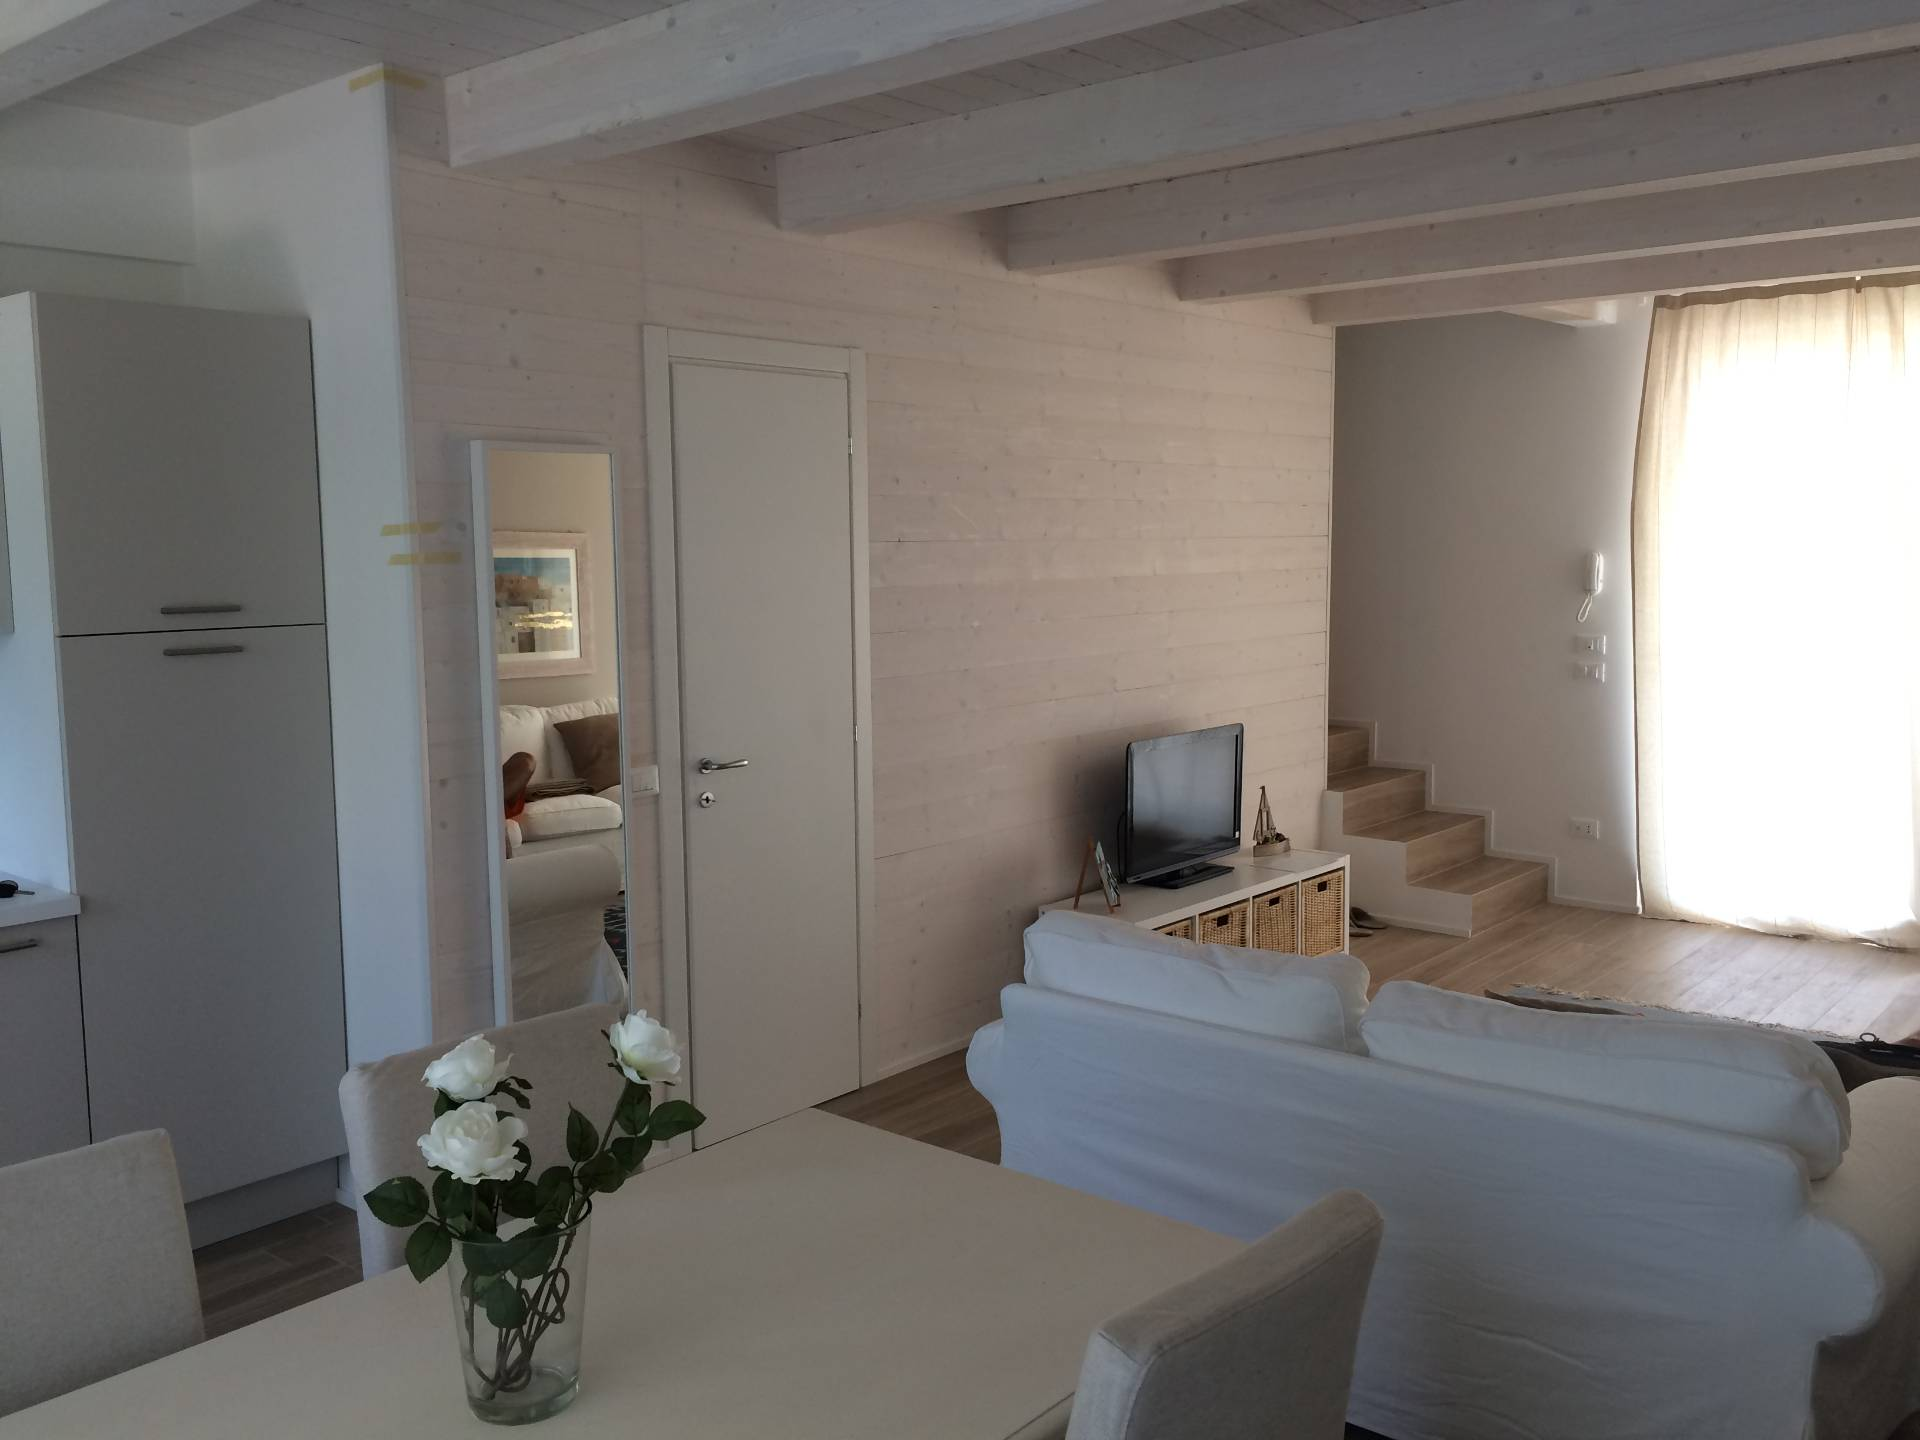 Appartamento in vendita a Jesolo, 5 locali, zona Località: PiazzaMarina, prezzo € 240.000 | Cambio Casa.it